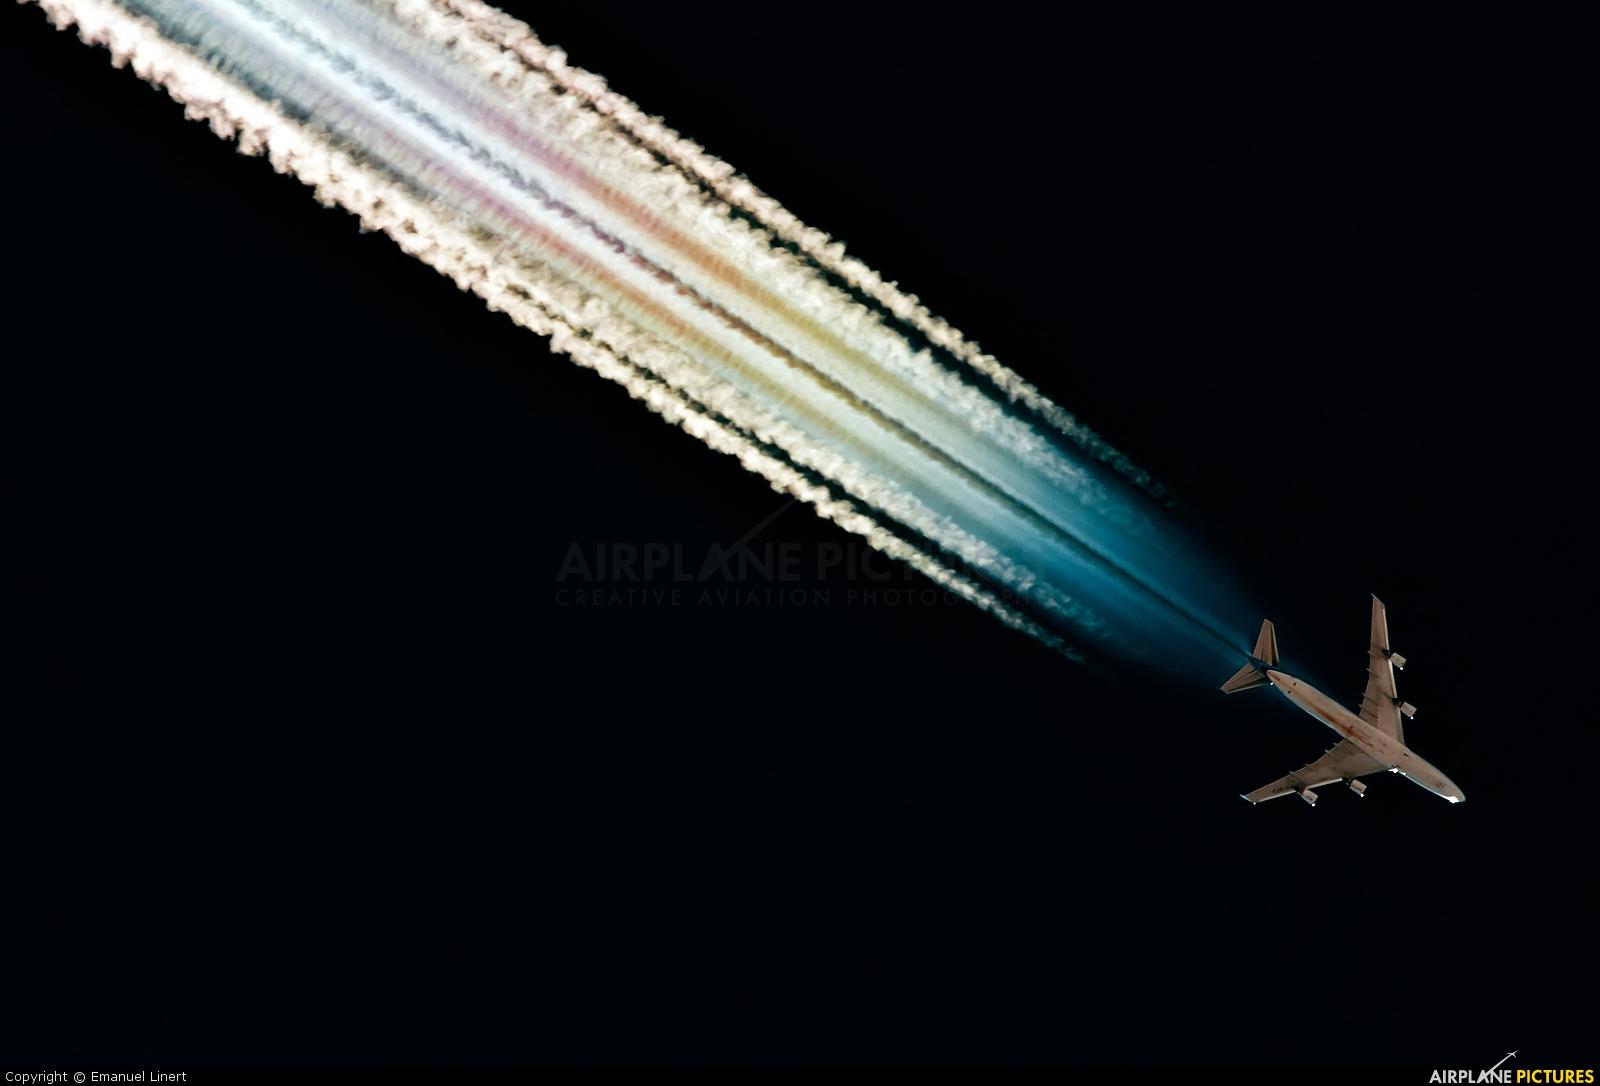 KLM - aircraft at In Flight - International